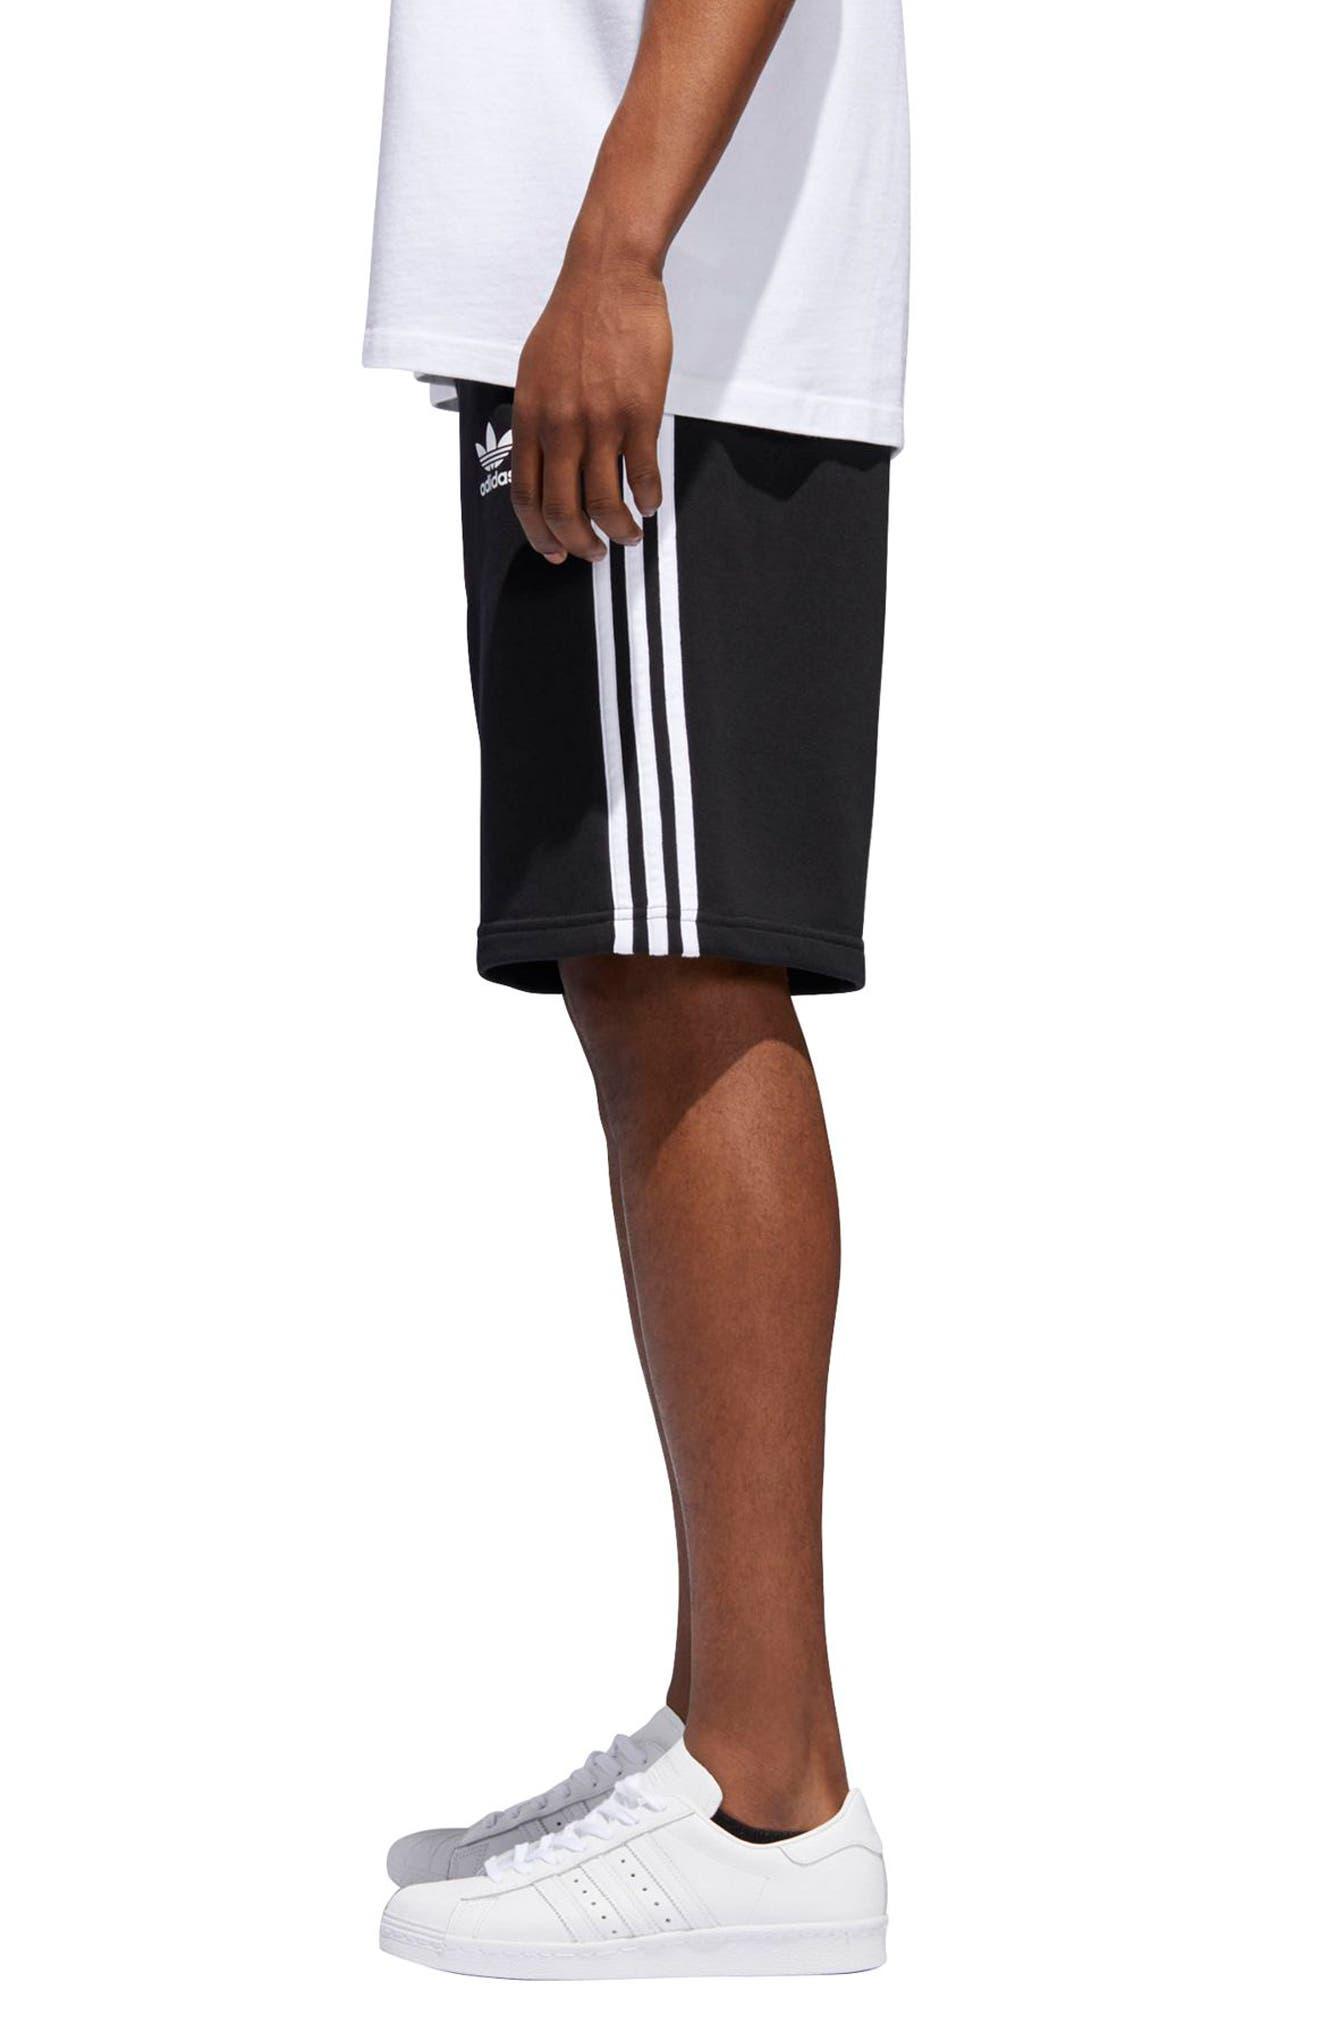 3-Stripes Shorts,                             Alternate thumbnail 3, color,                             BLACK/ WHITE